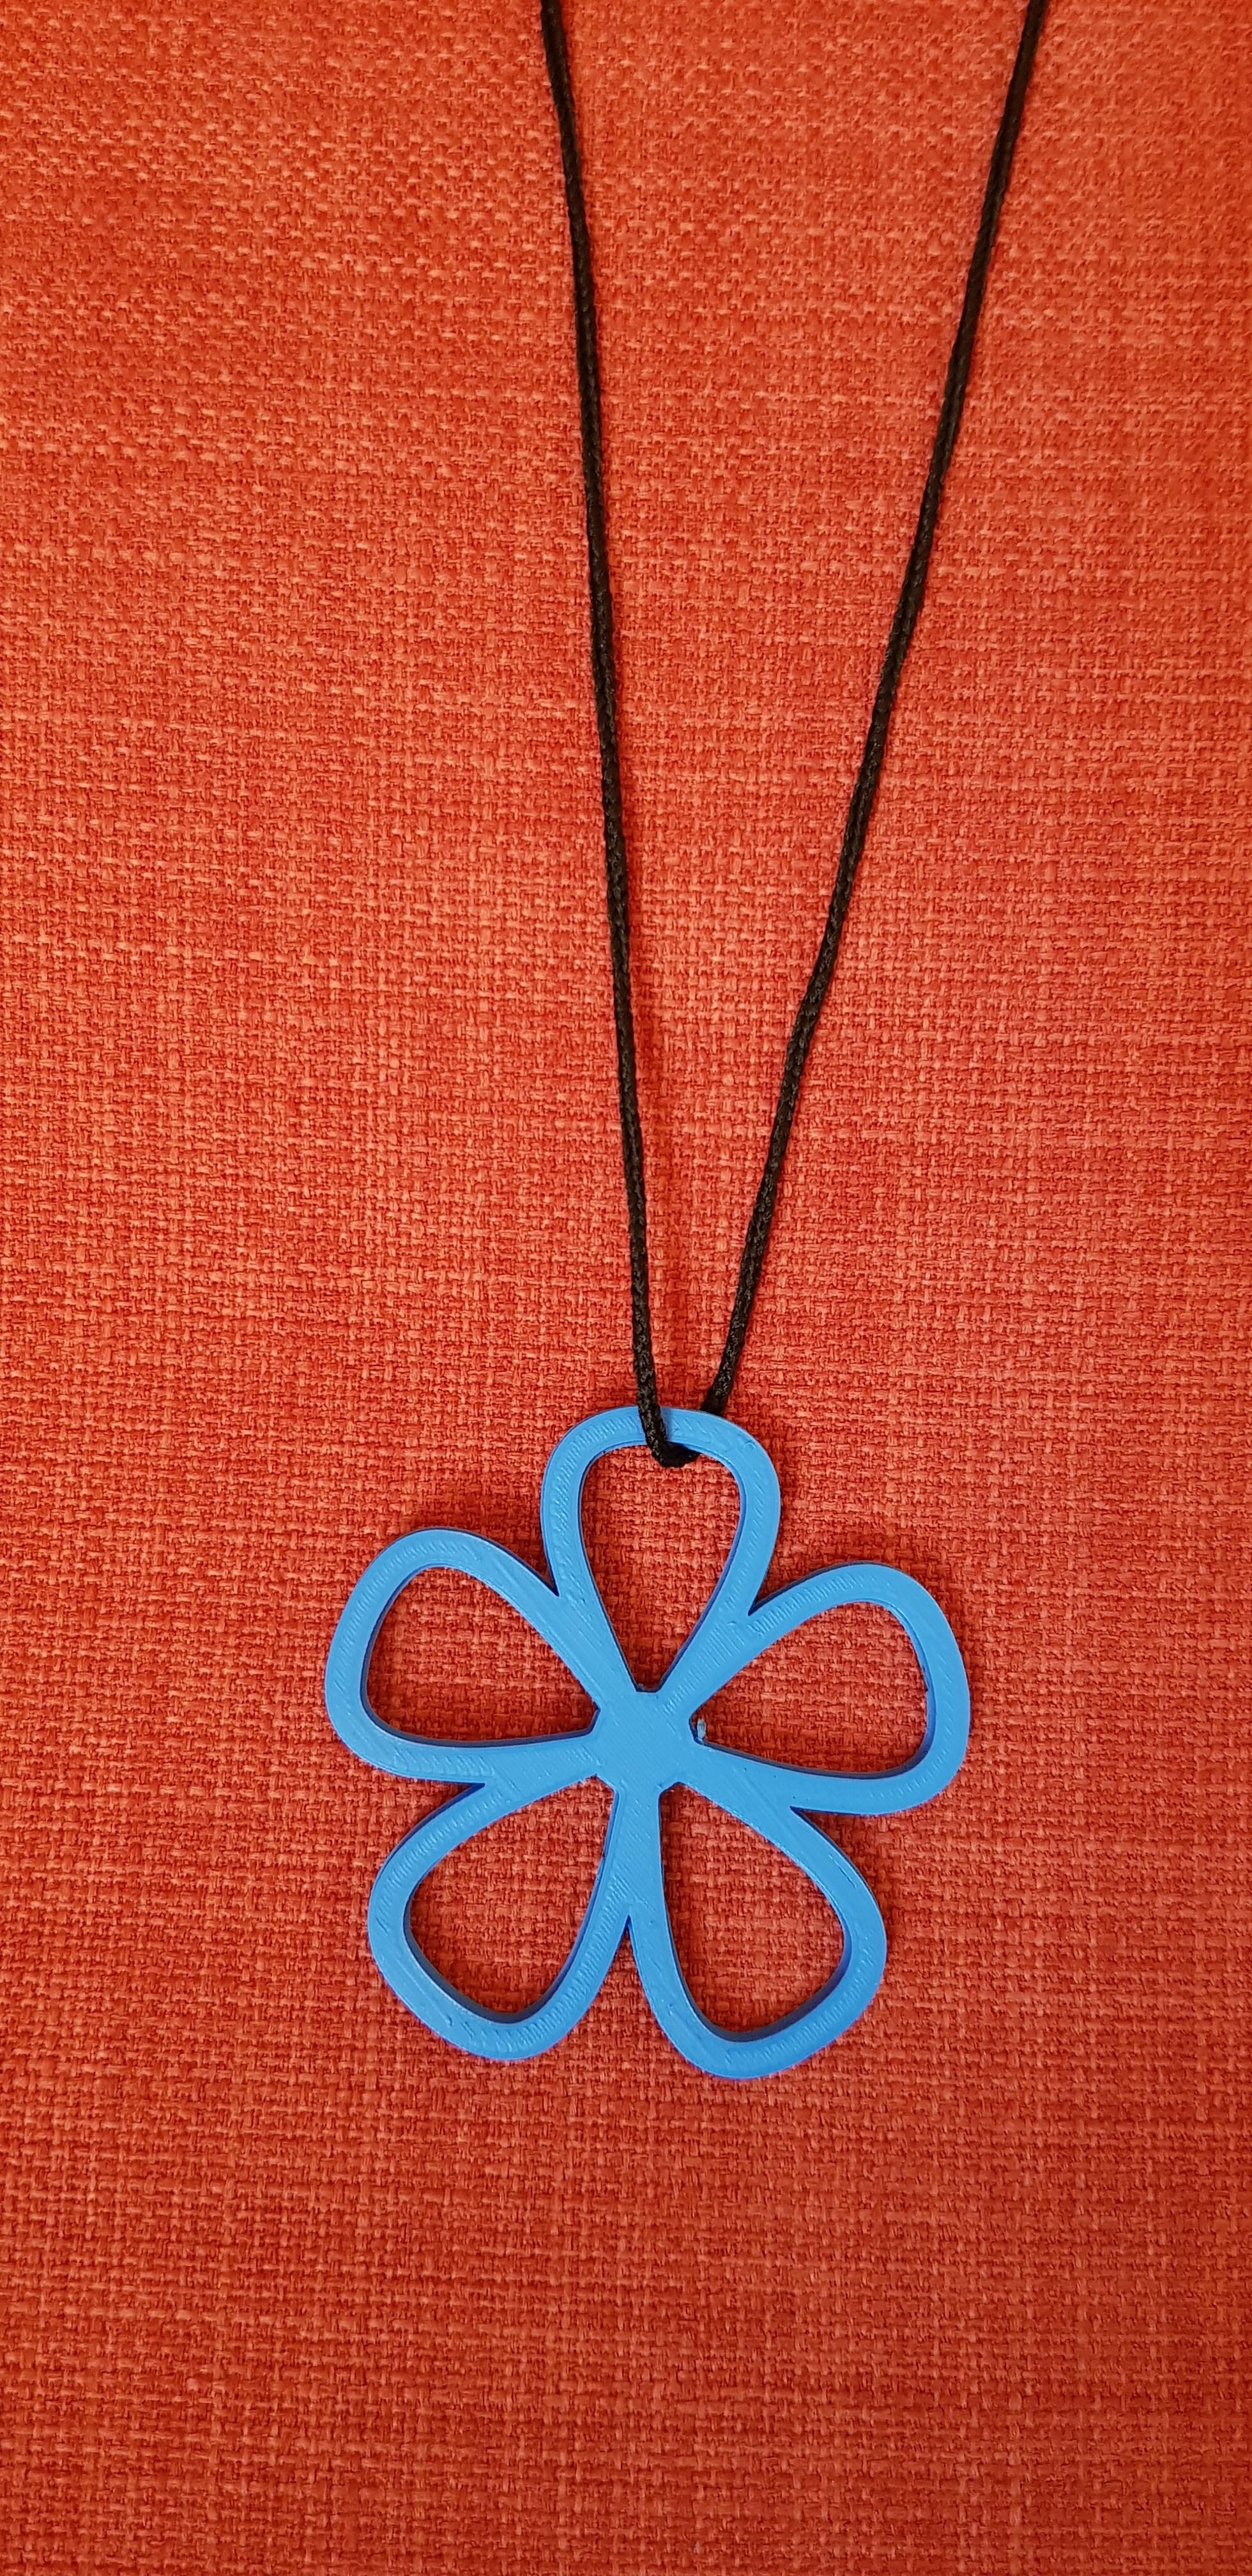 20180613_120654.jpg Télécharger fichier STL Collier à motif de fleurs • Design imprimable en 3D, solunkejagruti